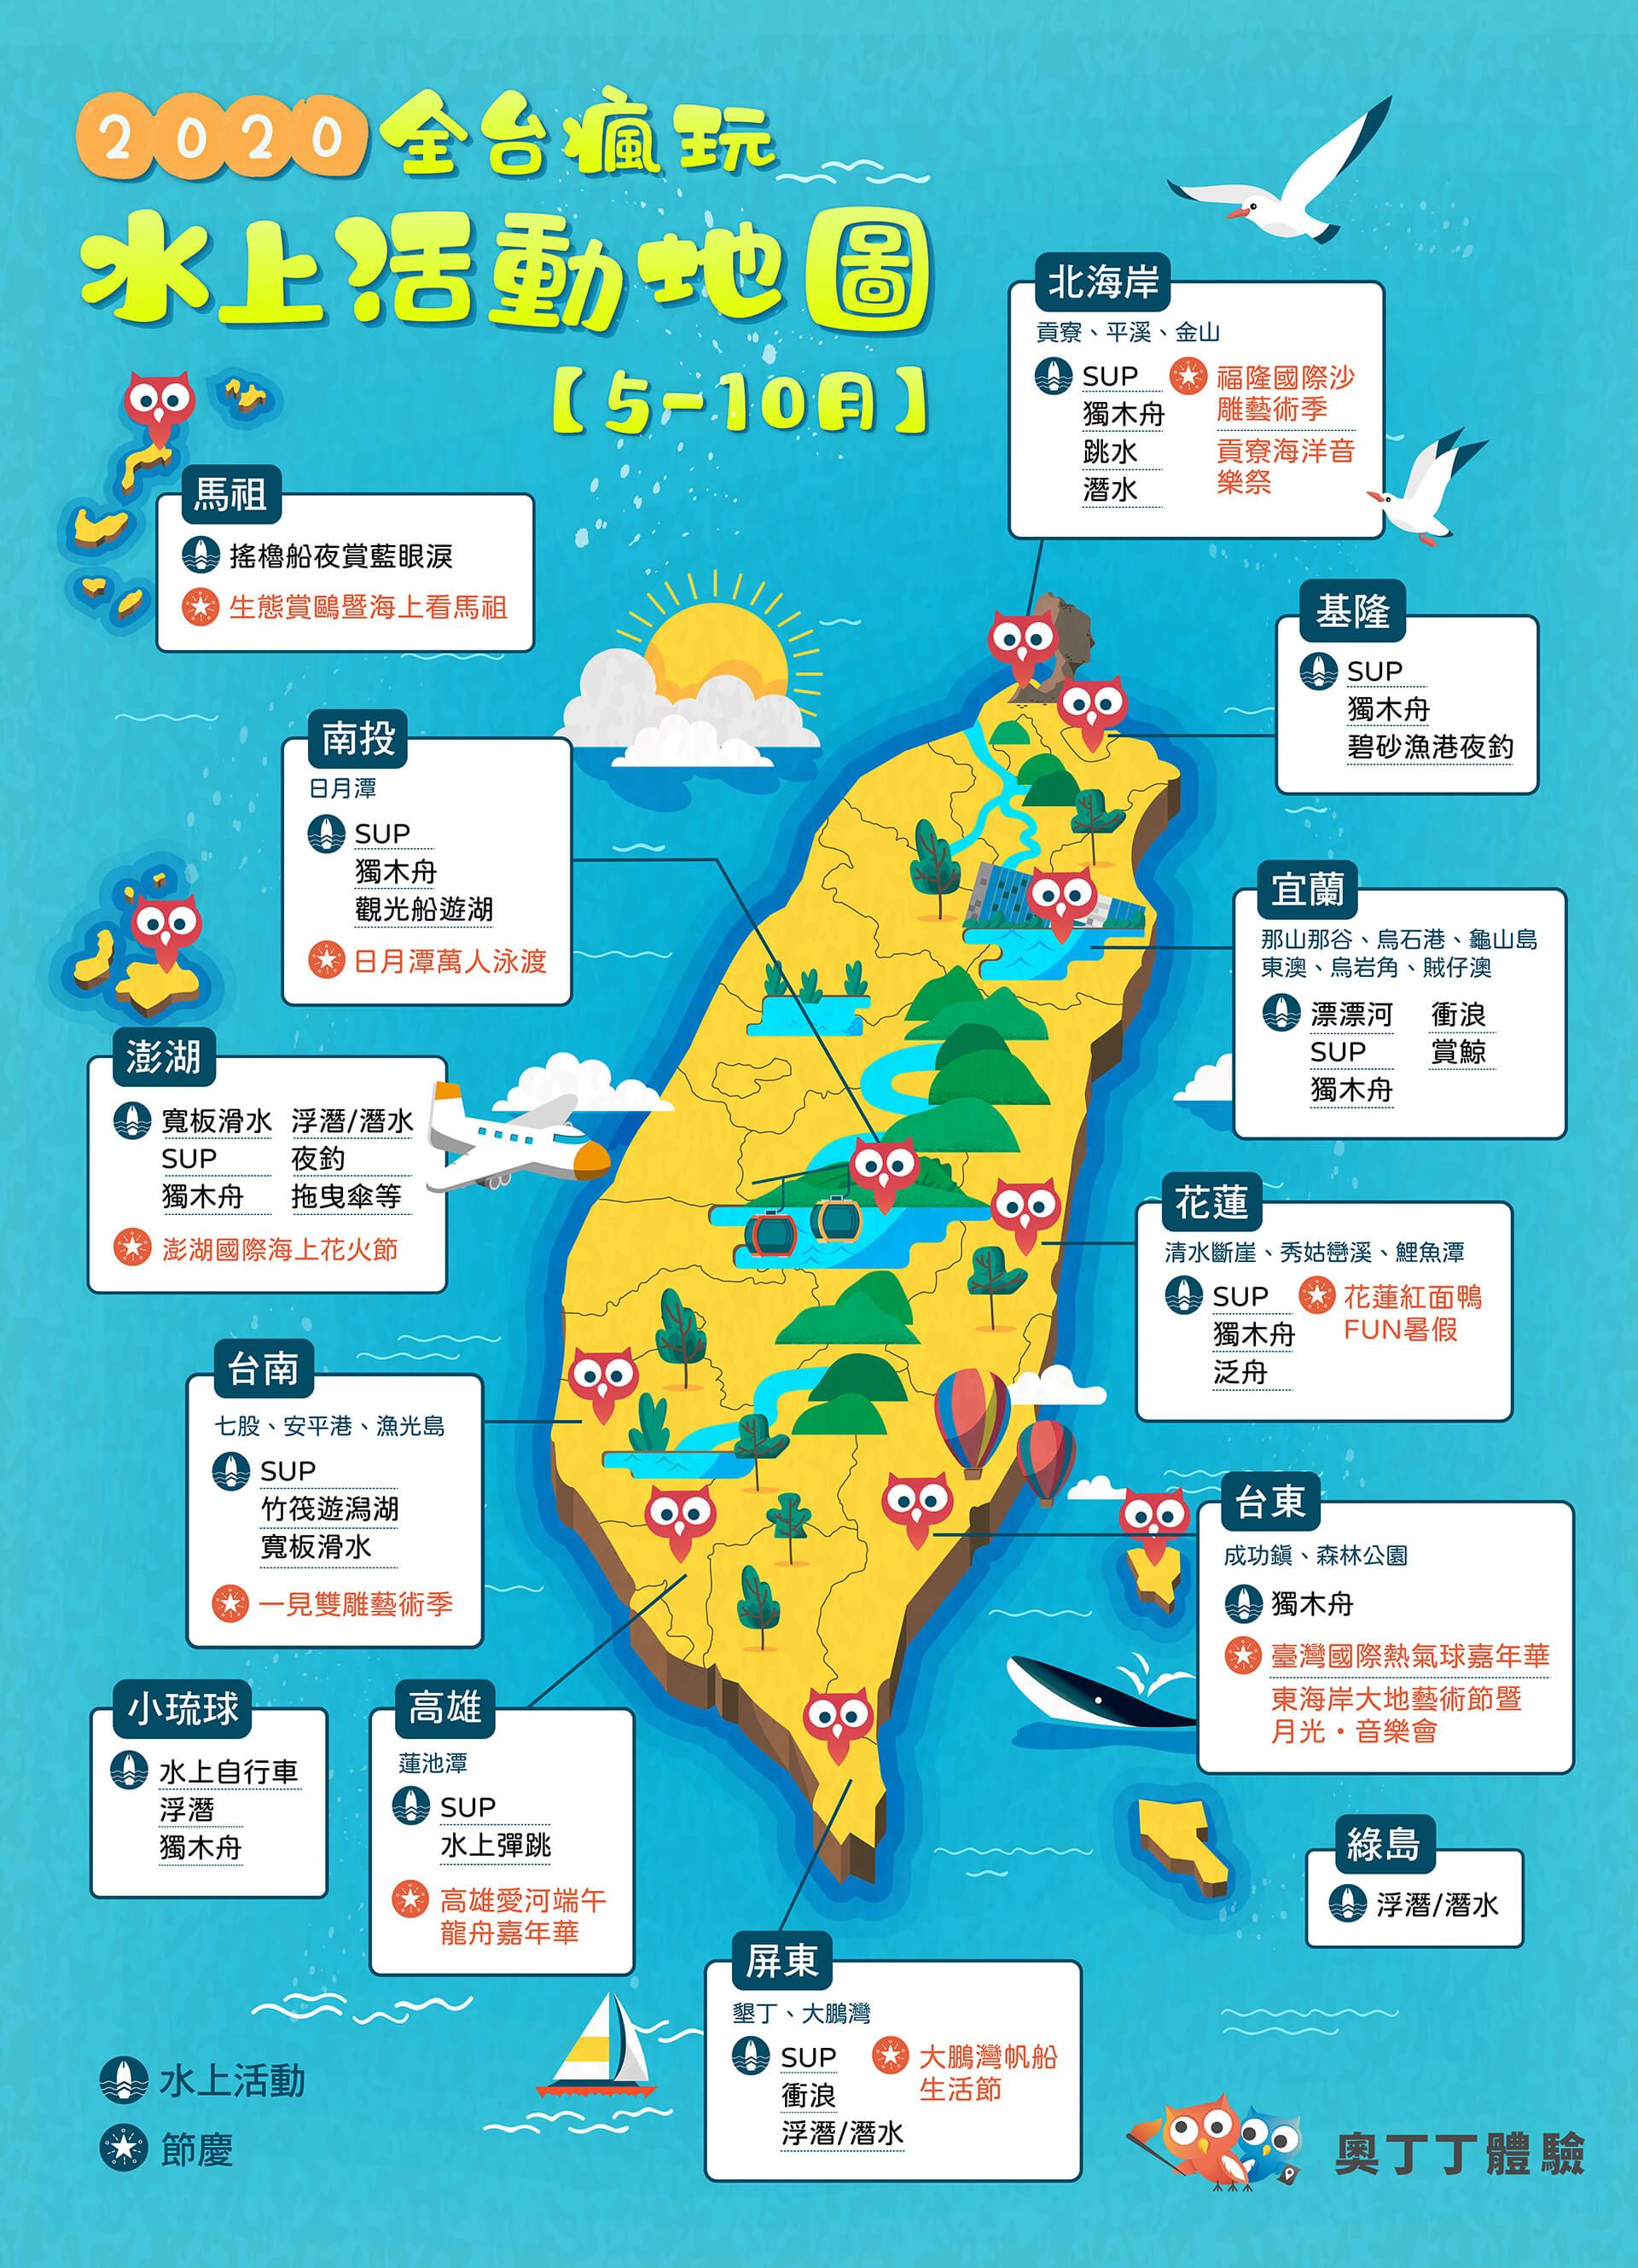 【國旅爆發】水上活動買氣兩倍狂飆 精選全台30多種水上活動炎夏必玩消暑Chill